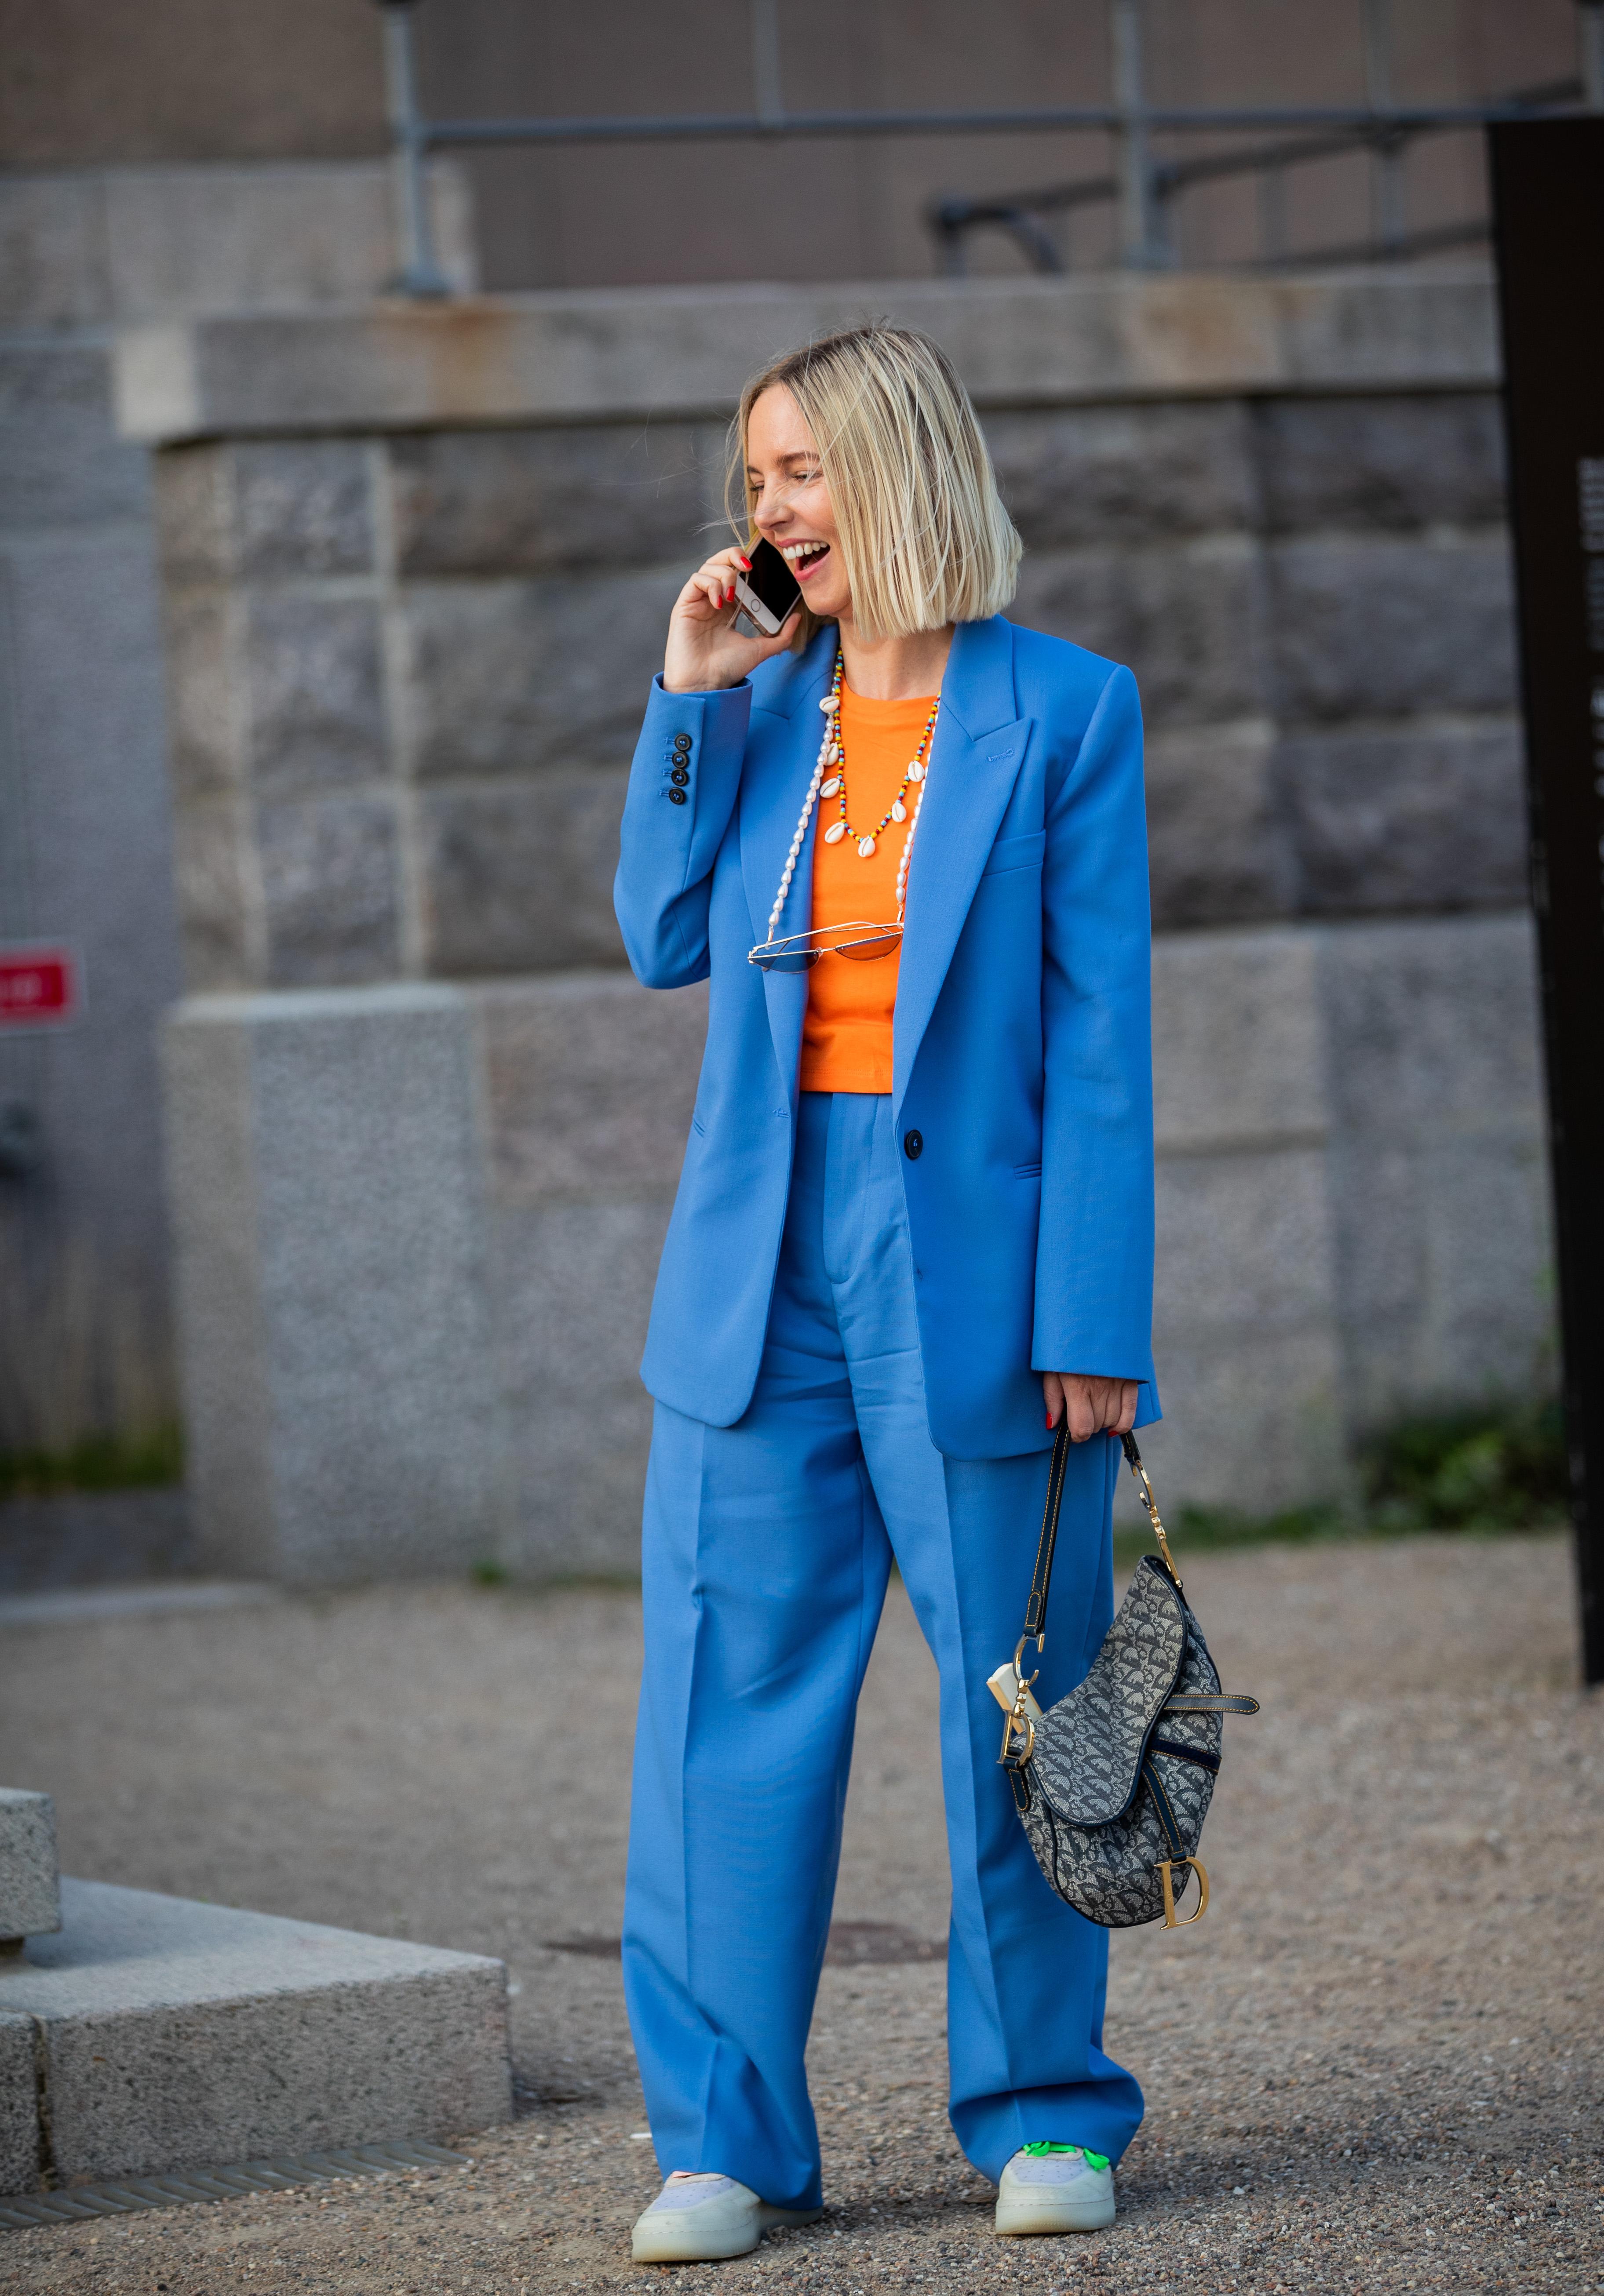 ワンサイズ大きいラフさ、ジャケットのボタンは開ける、足元はスニーカーで、ストリート感あるセットアップの着こなしが叶う、鮮やかなトップスをインして華やかさを加えたのもナイス!